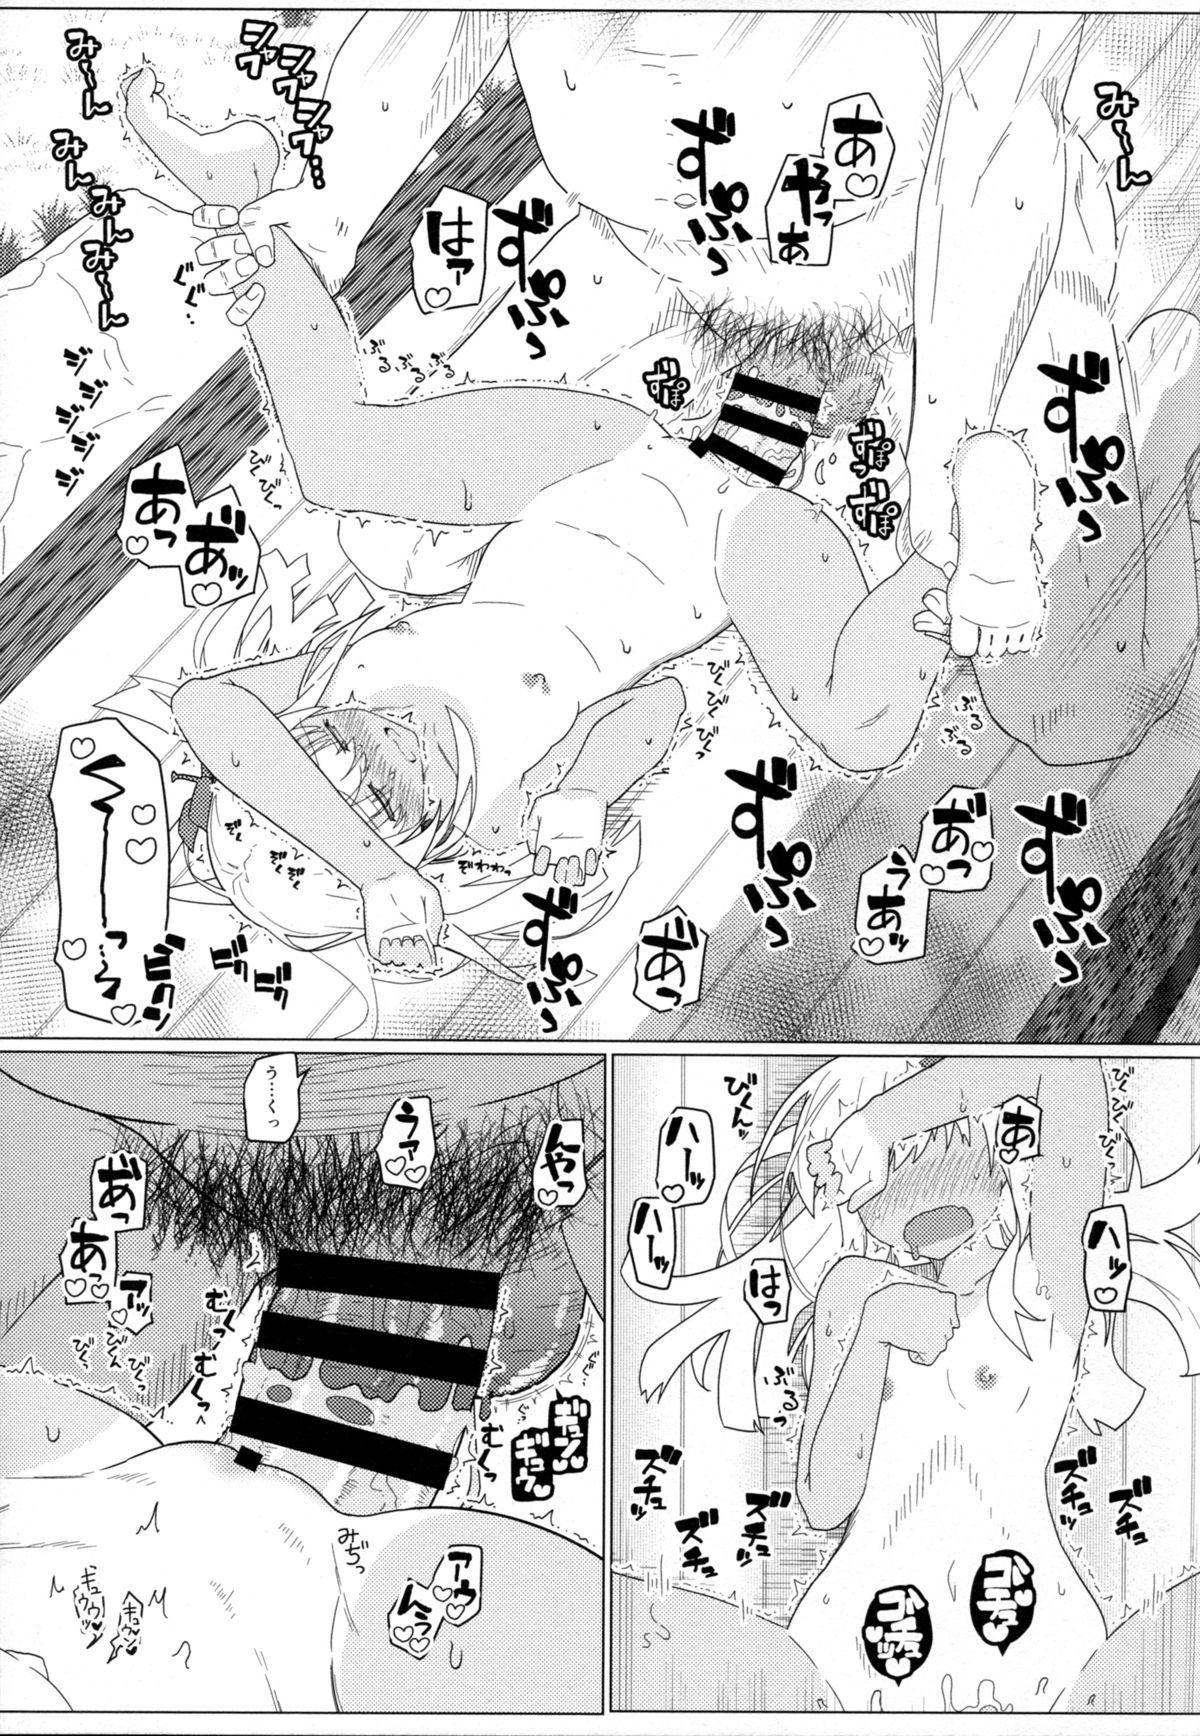 【エロ漫画】ちっぱいロリの呂500の日焼け跡に興奮した提督が痴女られてバックでロリマン挿入して濃厚中出しセックスしちゃってますwwwww